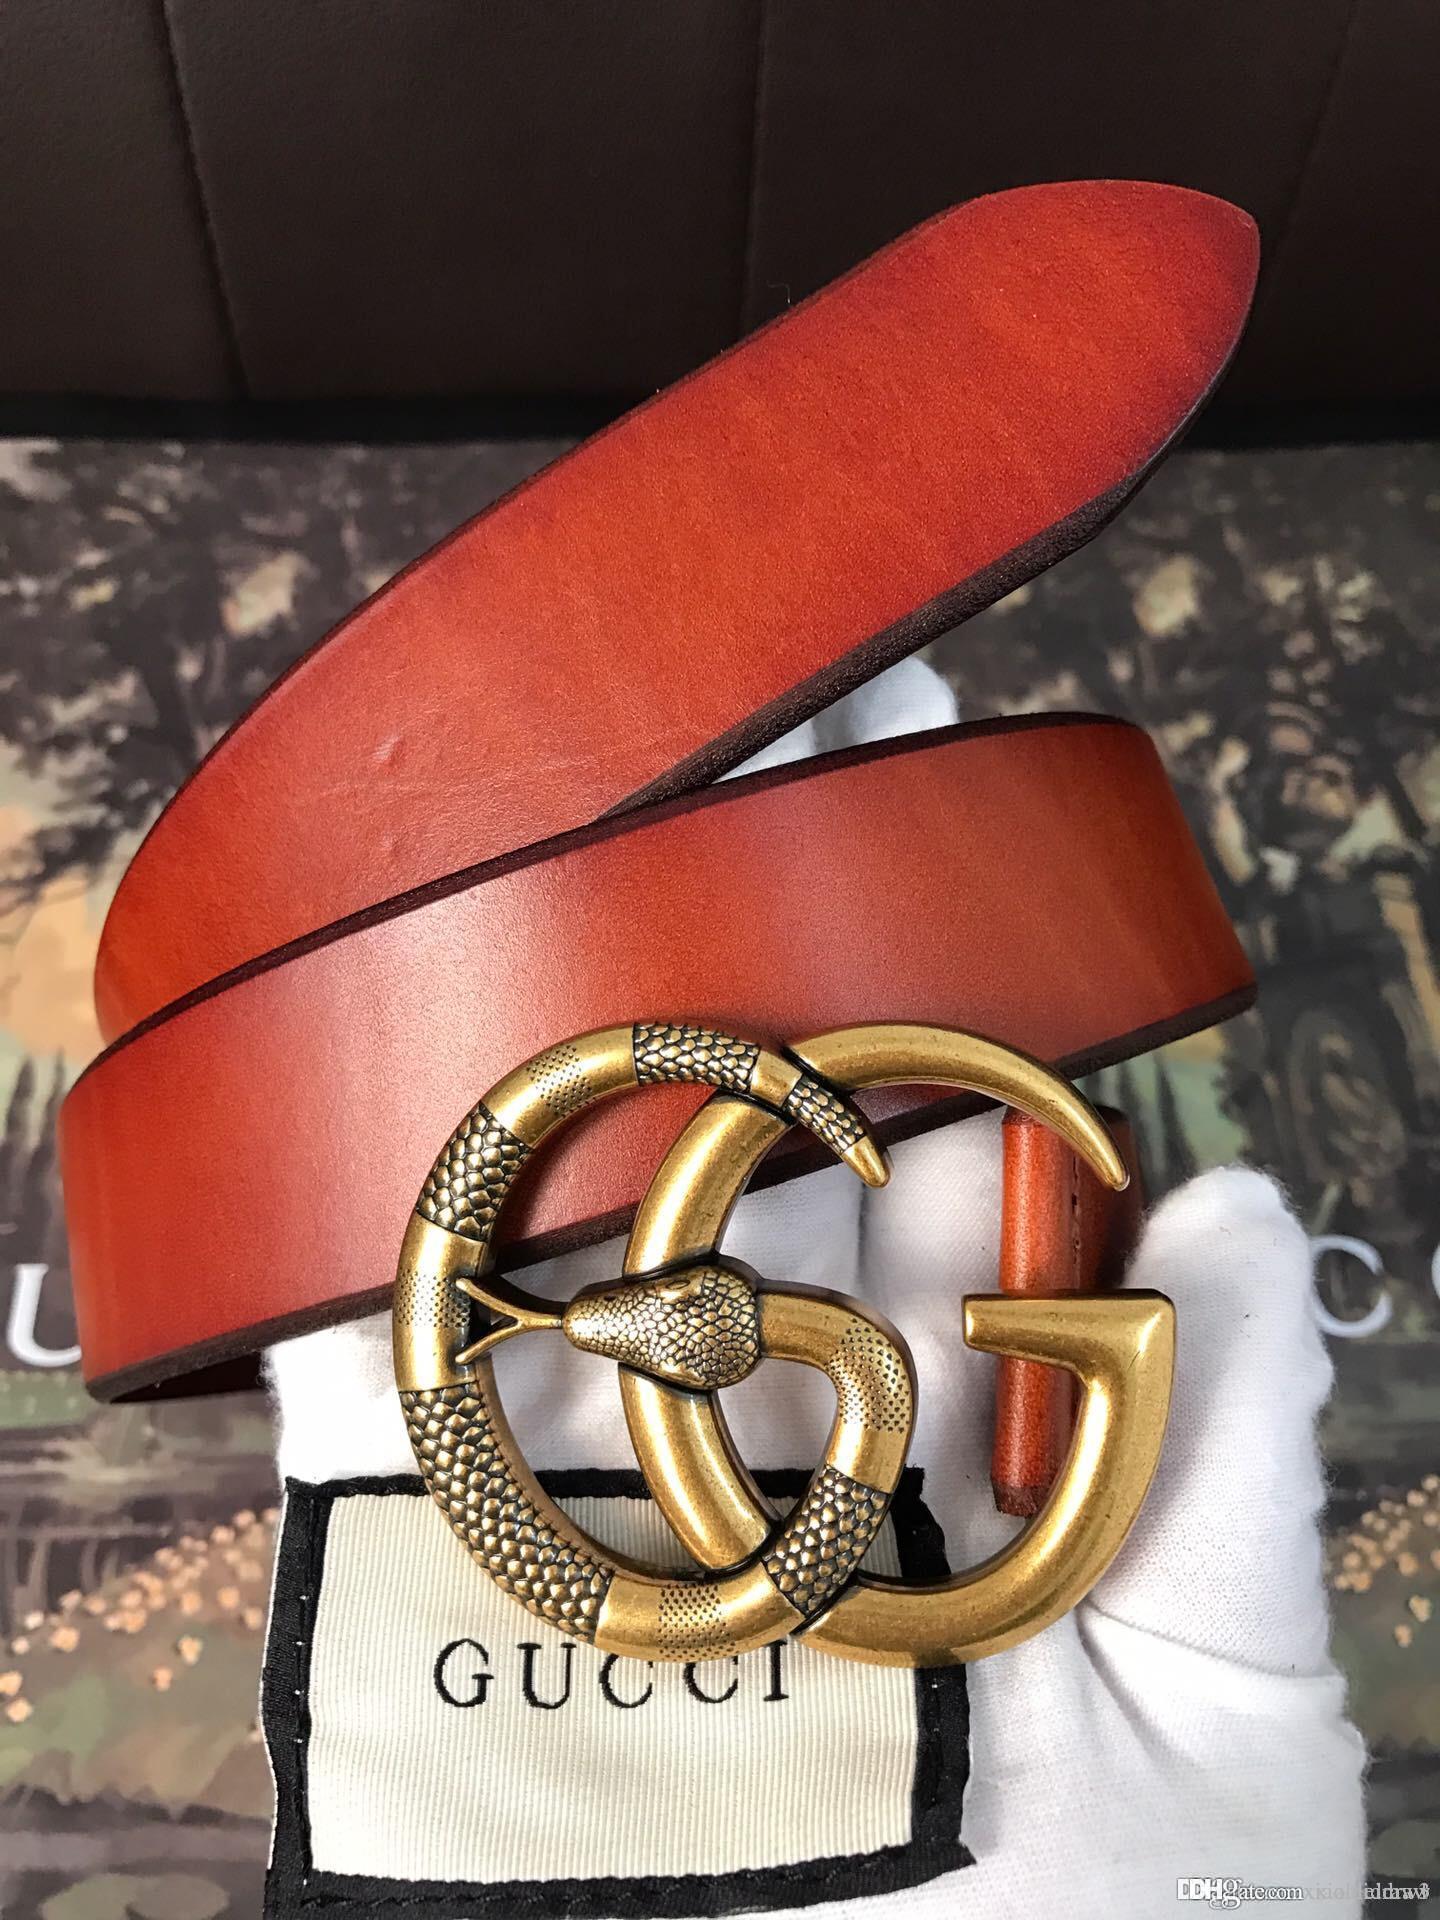 Mejor cinturón 88123 cinturón de ocio de moda, todo tipo de estilos, la producción de cuero real con la caja original, la fuente de la fábrica